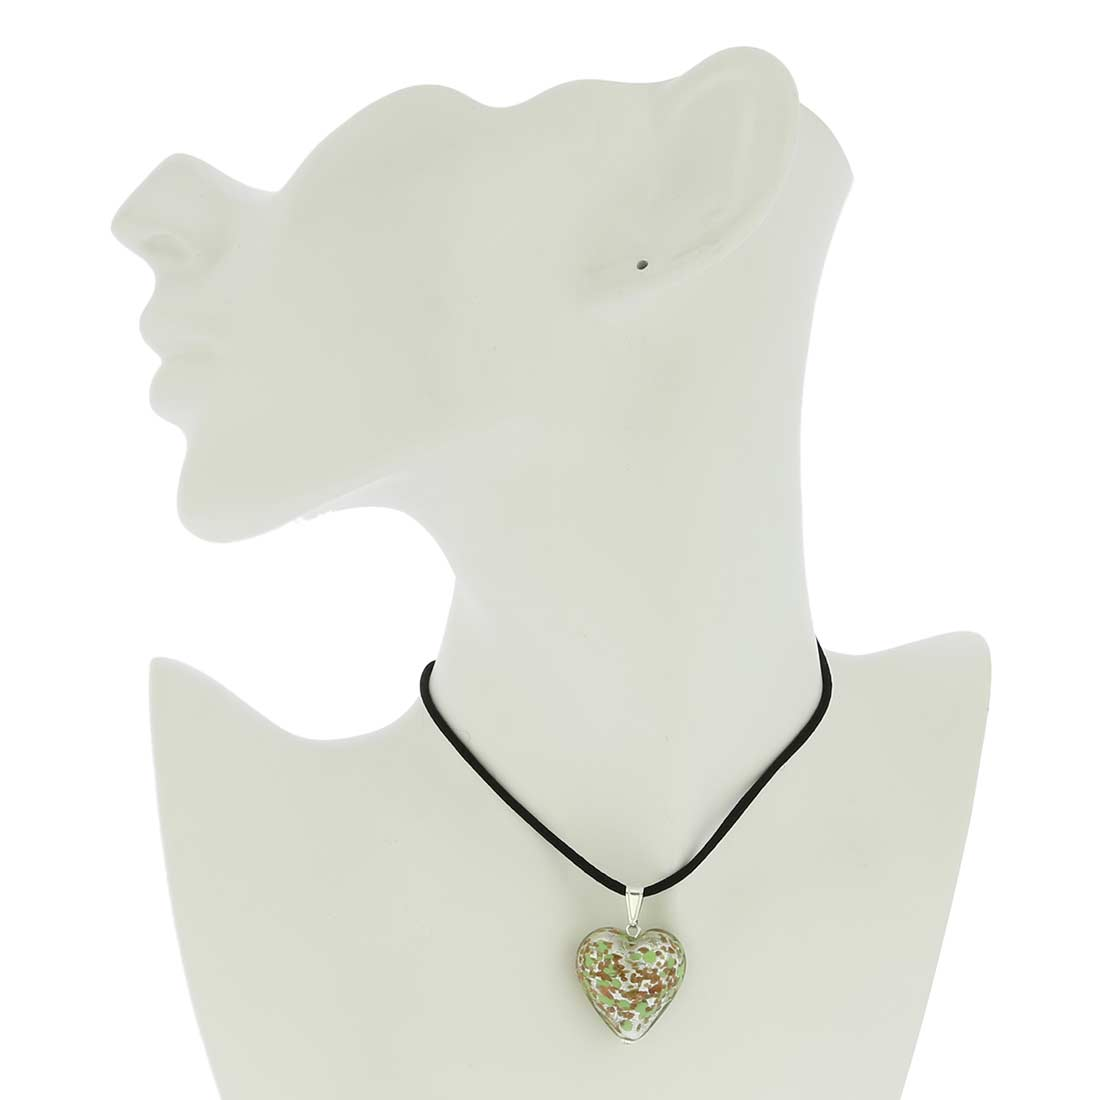 Murano Heart Pendant - Silver Green Confetti